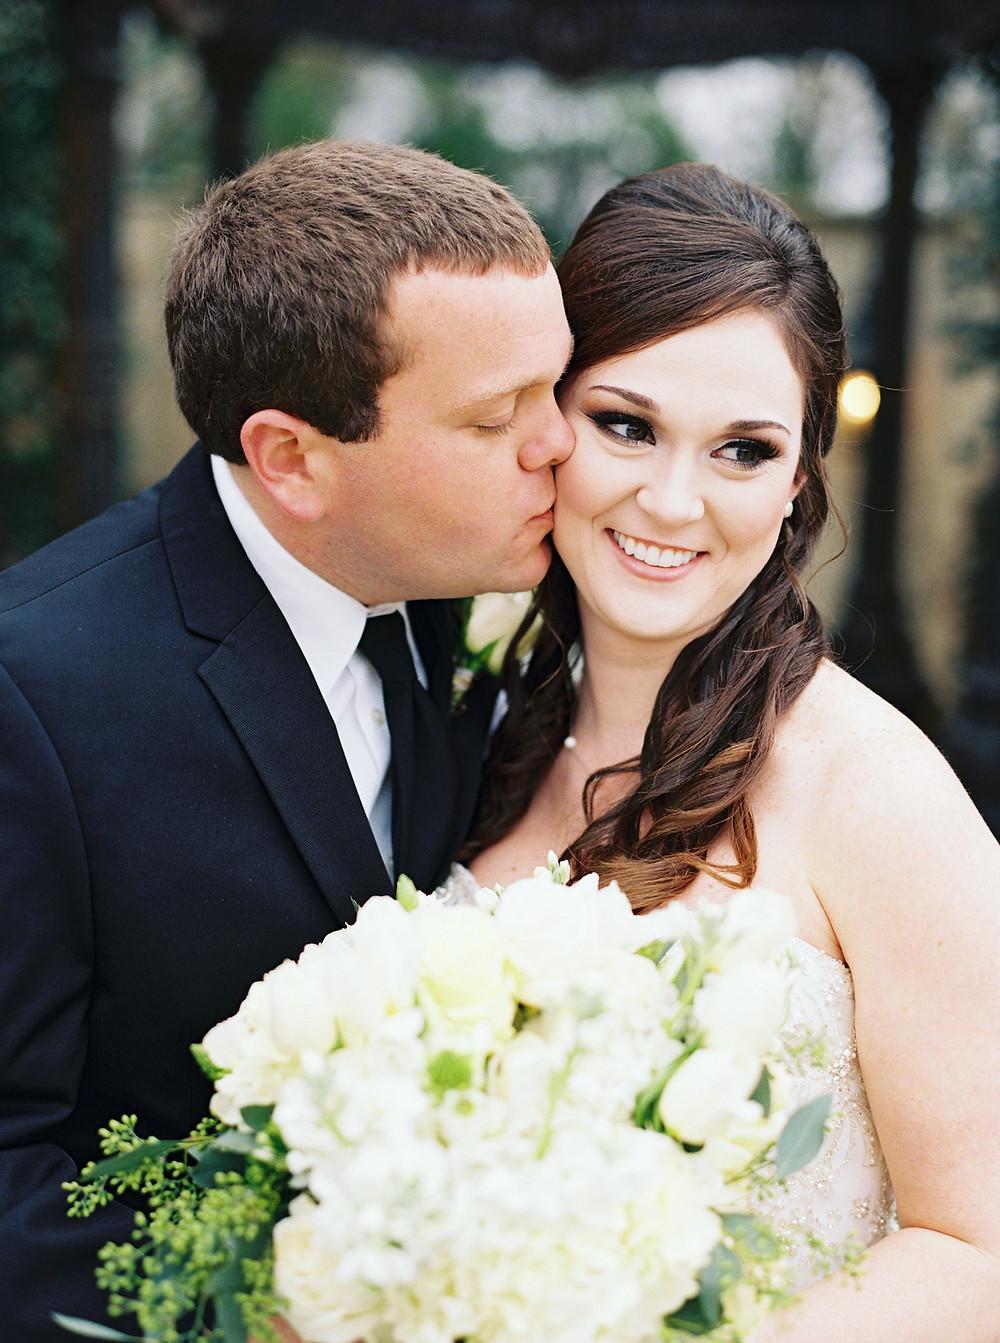 auburn bride wedding planner